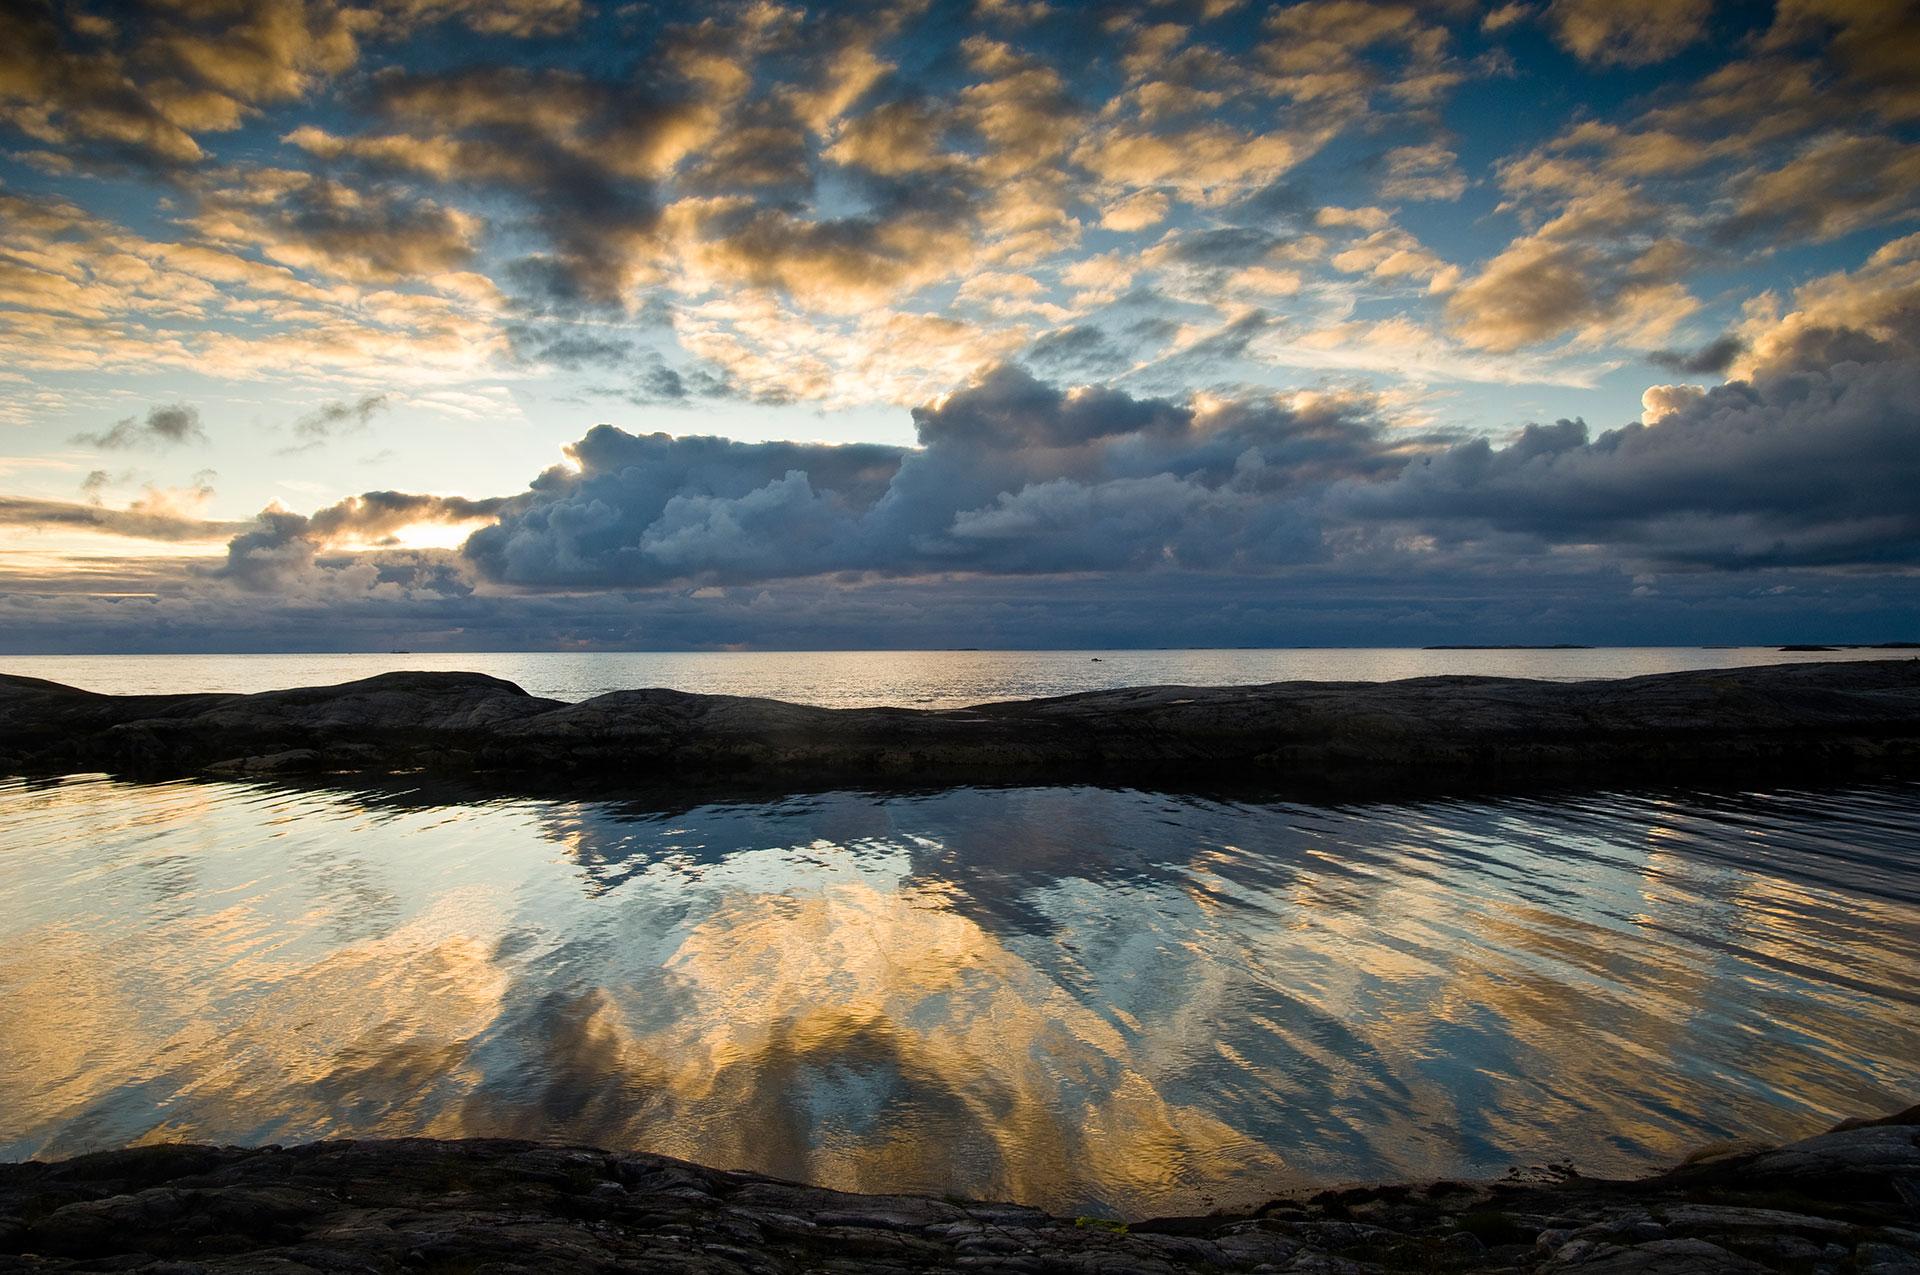 Norwegen in der Provinz Moere-og-Romsdale führt die Atlantikstraße durch die Schärenlandschaft und eröffnen phantastische Panoramen